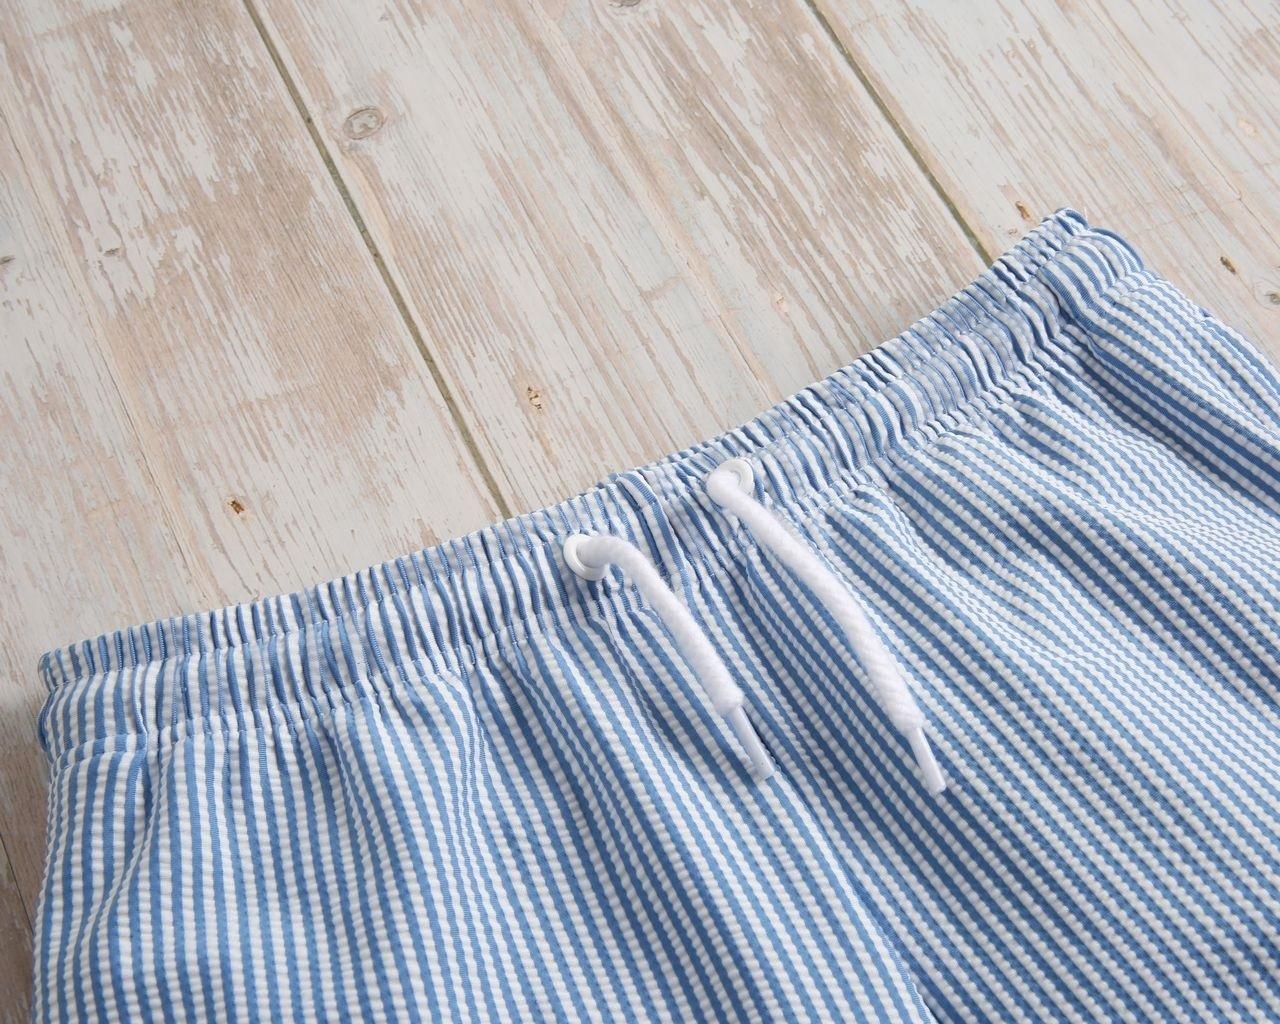 Imagen de Bañador niño de rayas azules y blancas